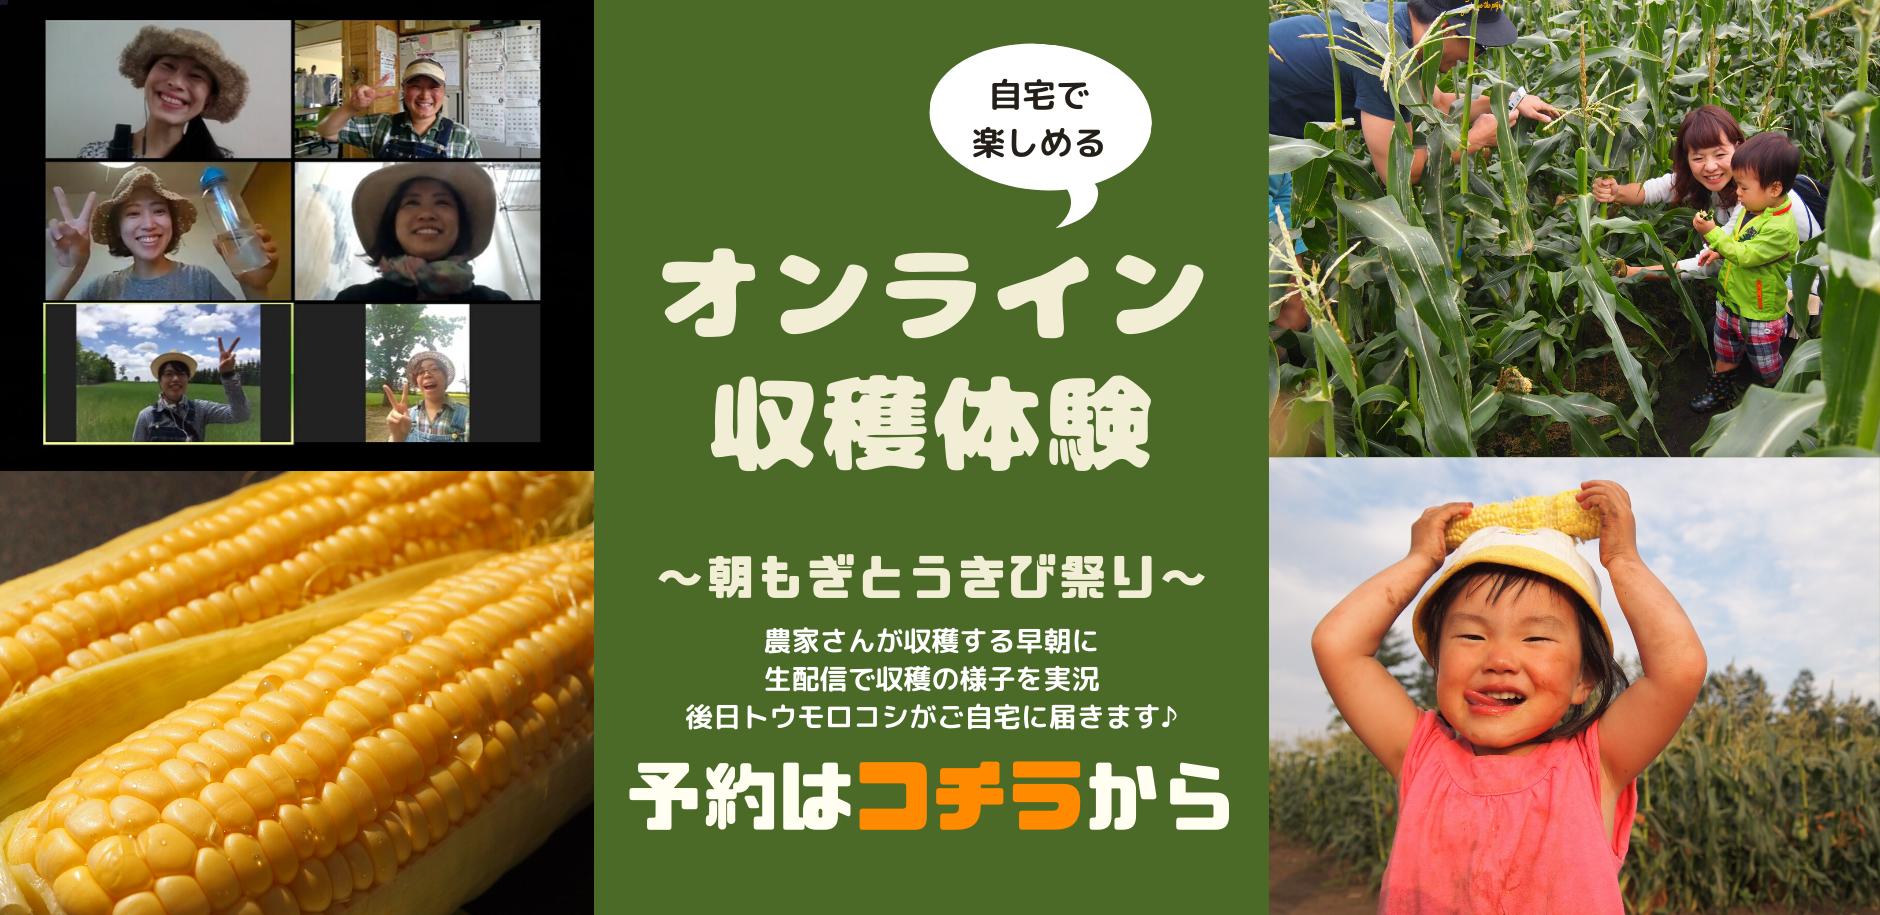 【ライブ配信】オンライン収穫体験🎶〜朝もぎとうきび祭り〜